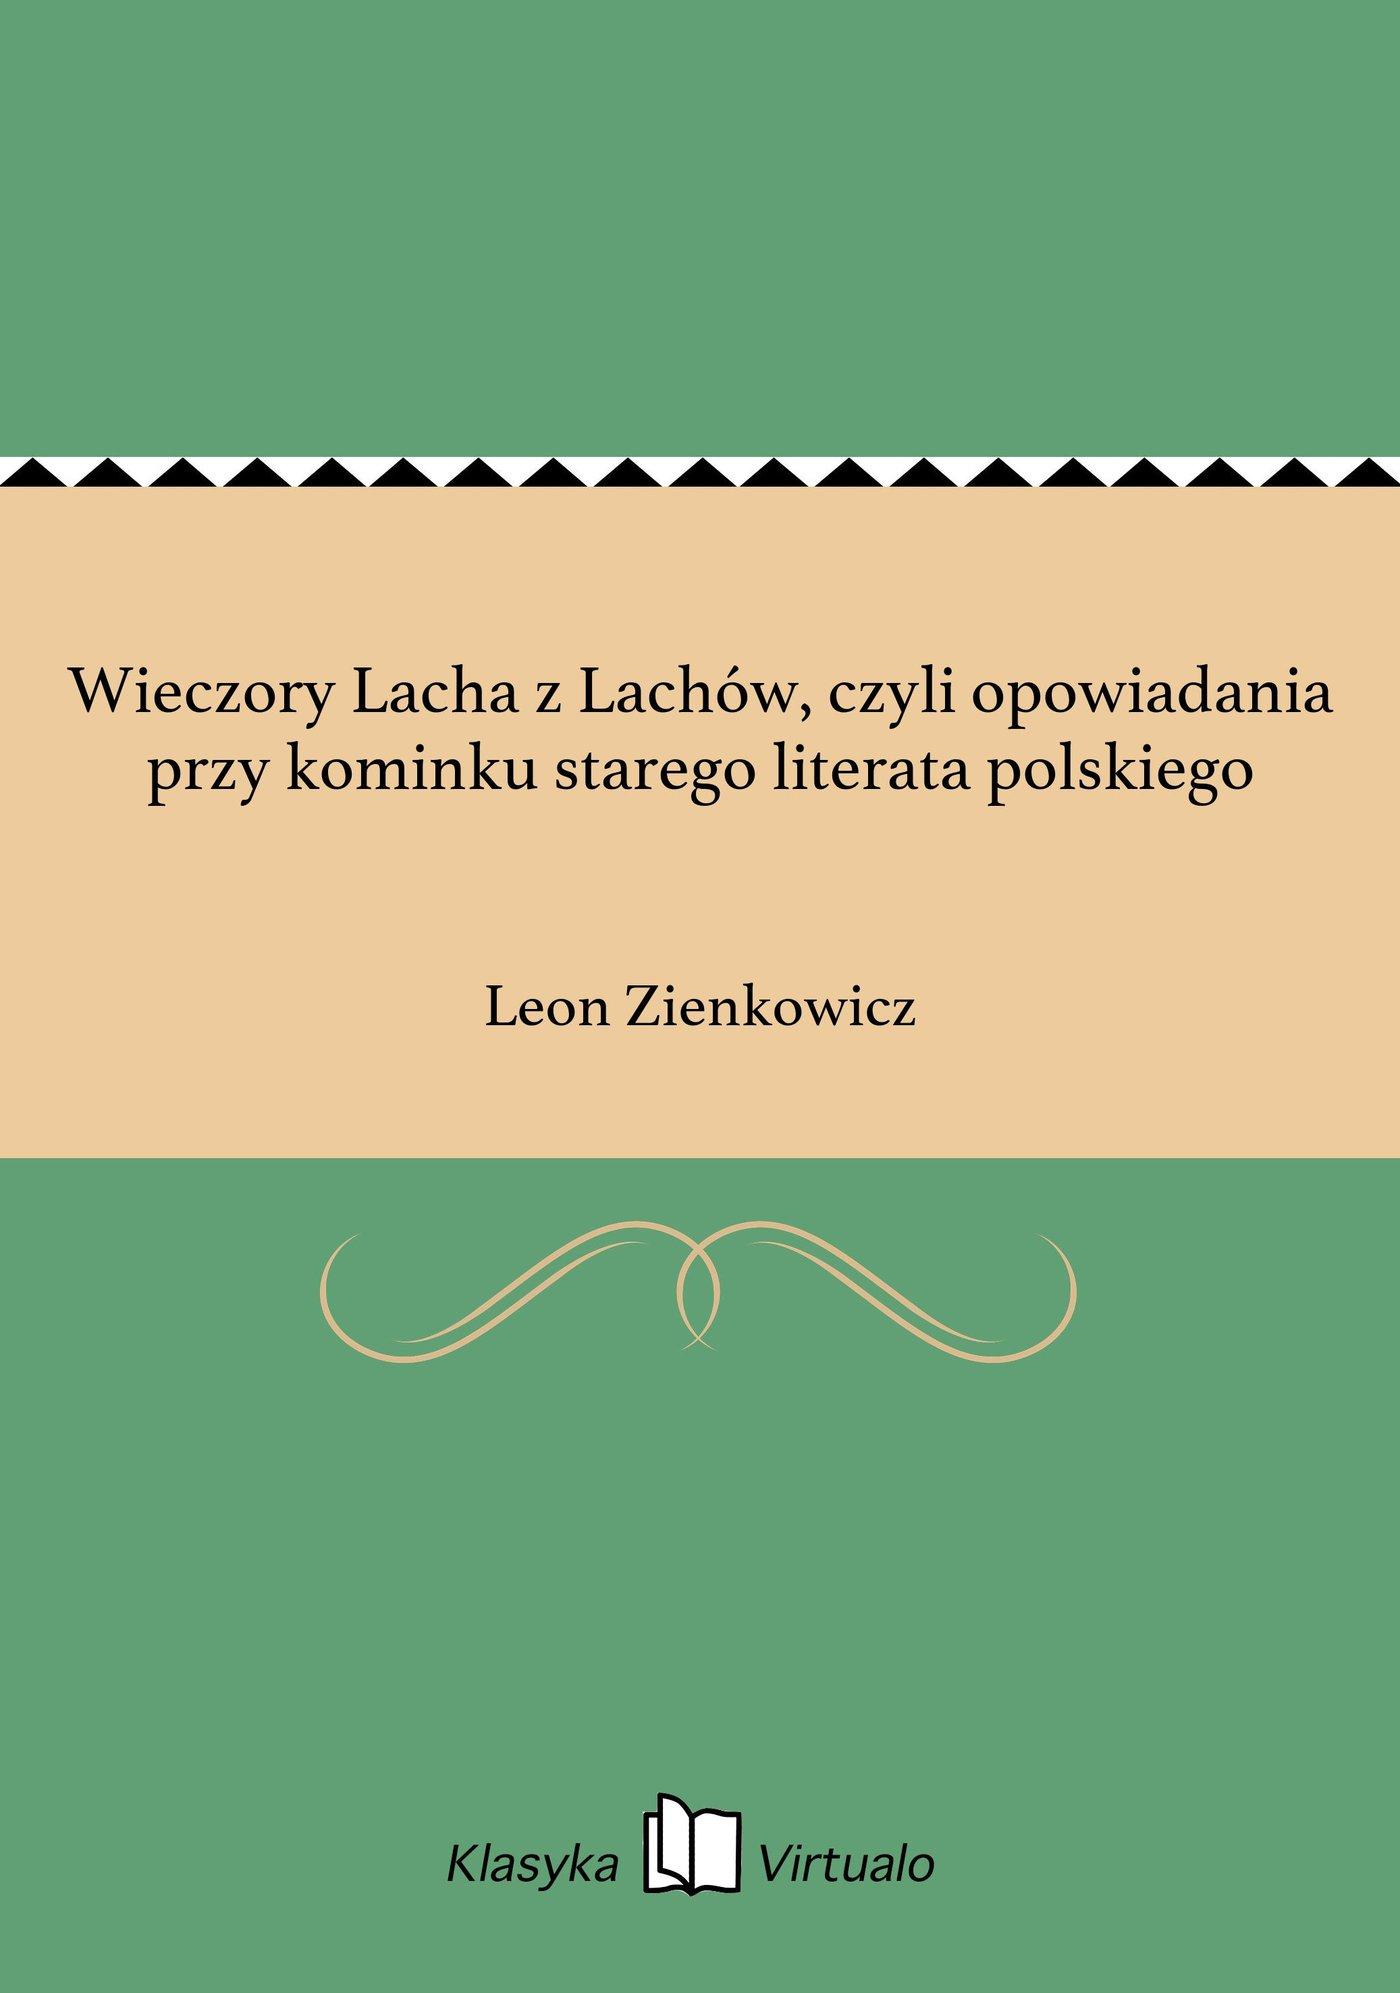 Wieczory Lacha z Lachów, czyli opowiadania przy kominku starego literata polskiego - Ebook (Książka EPUB) do pobrania w formacie EPUB